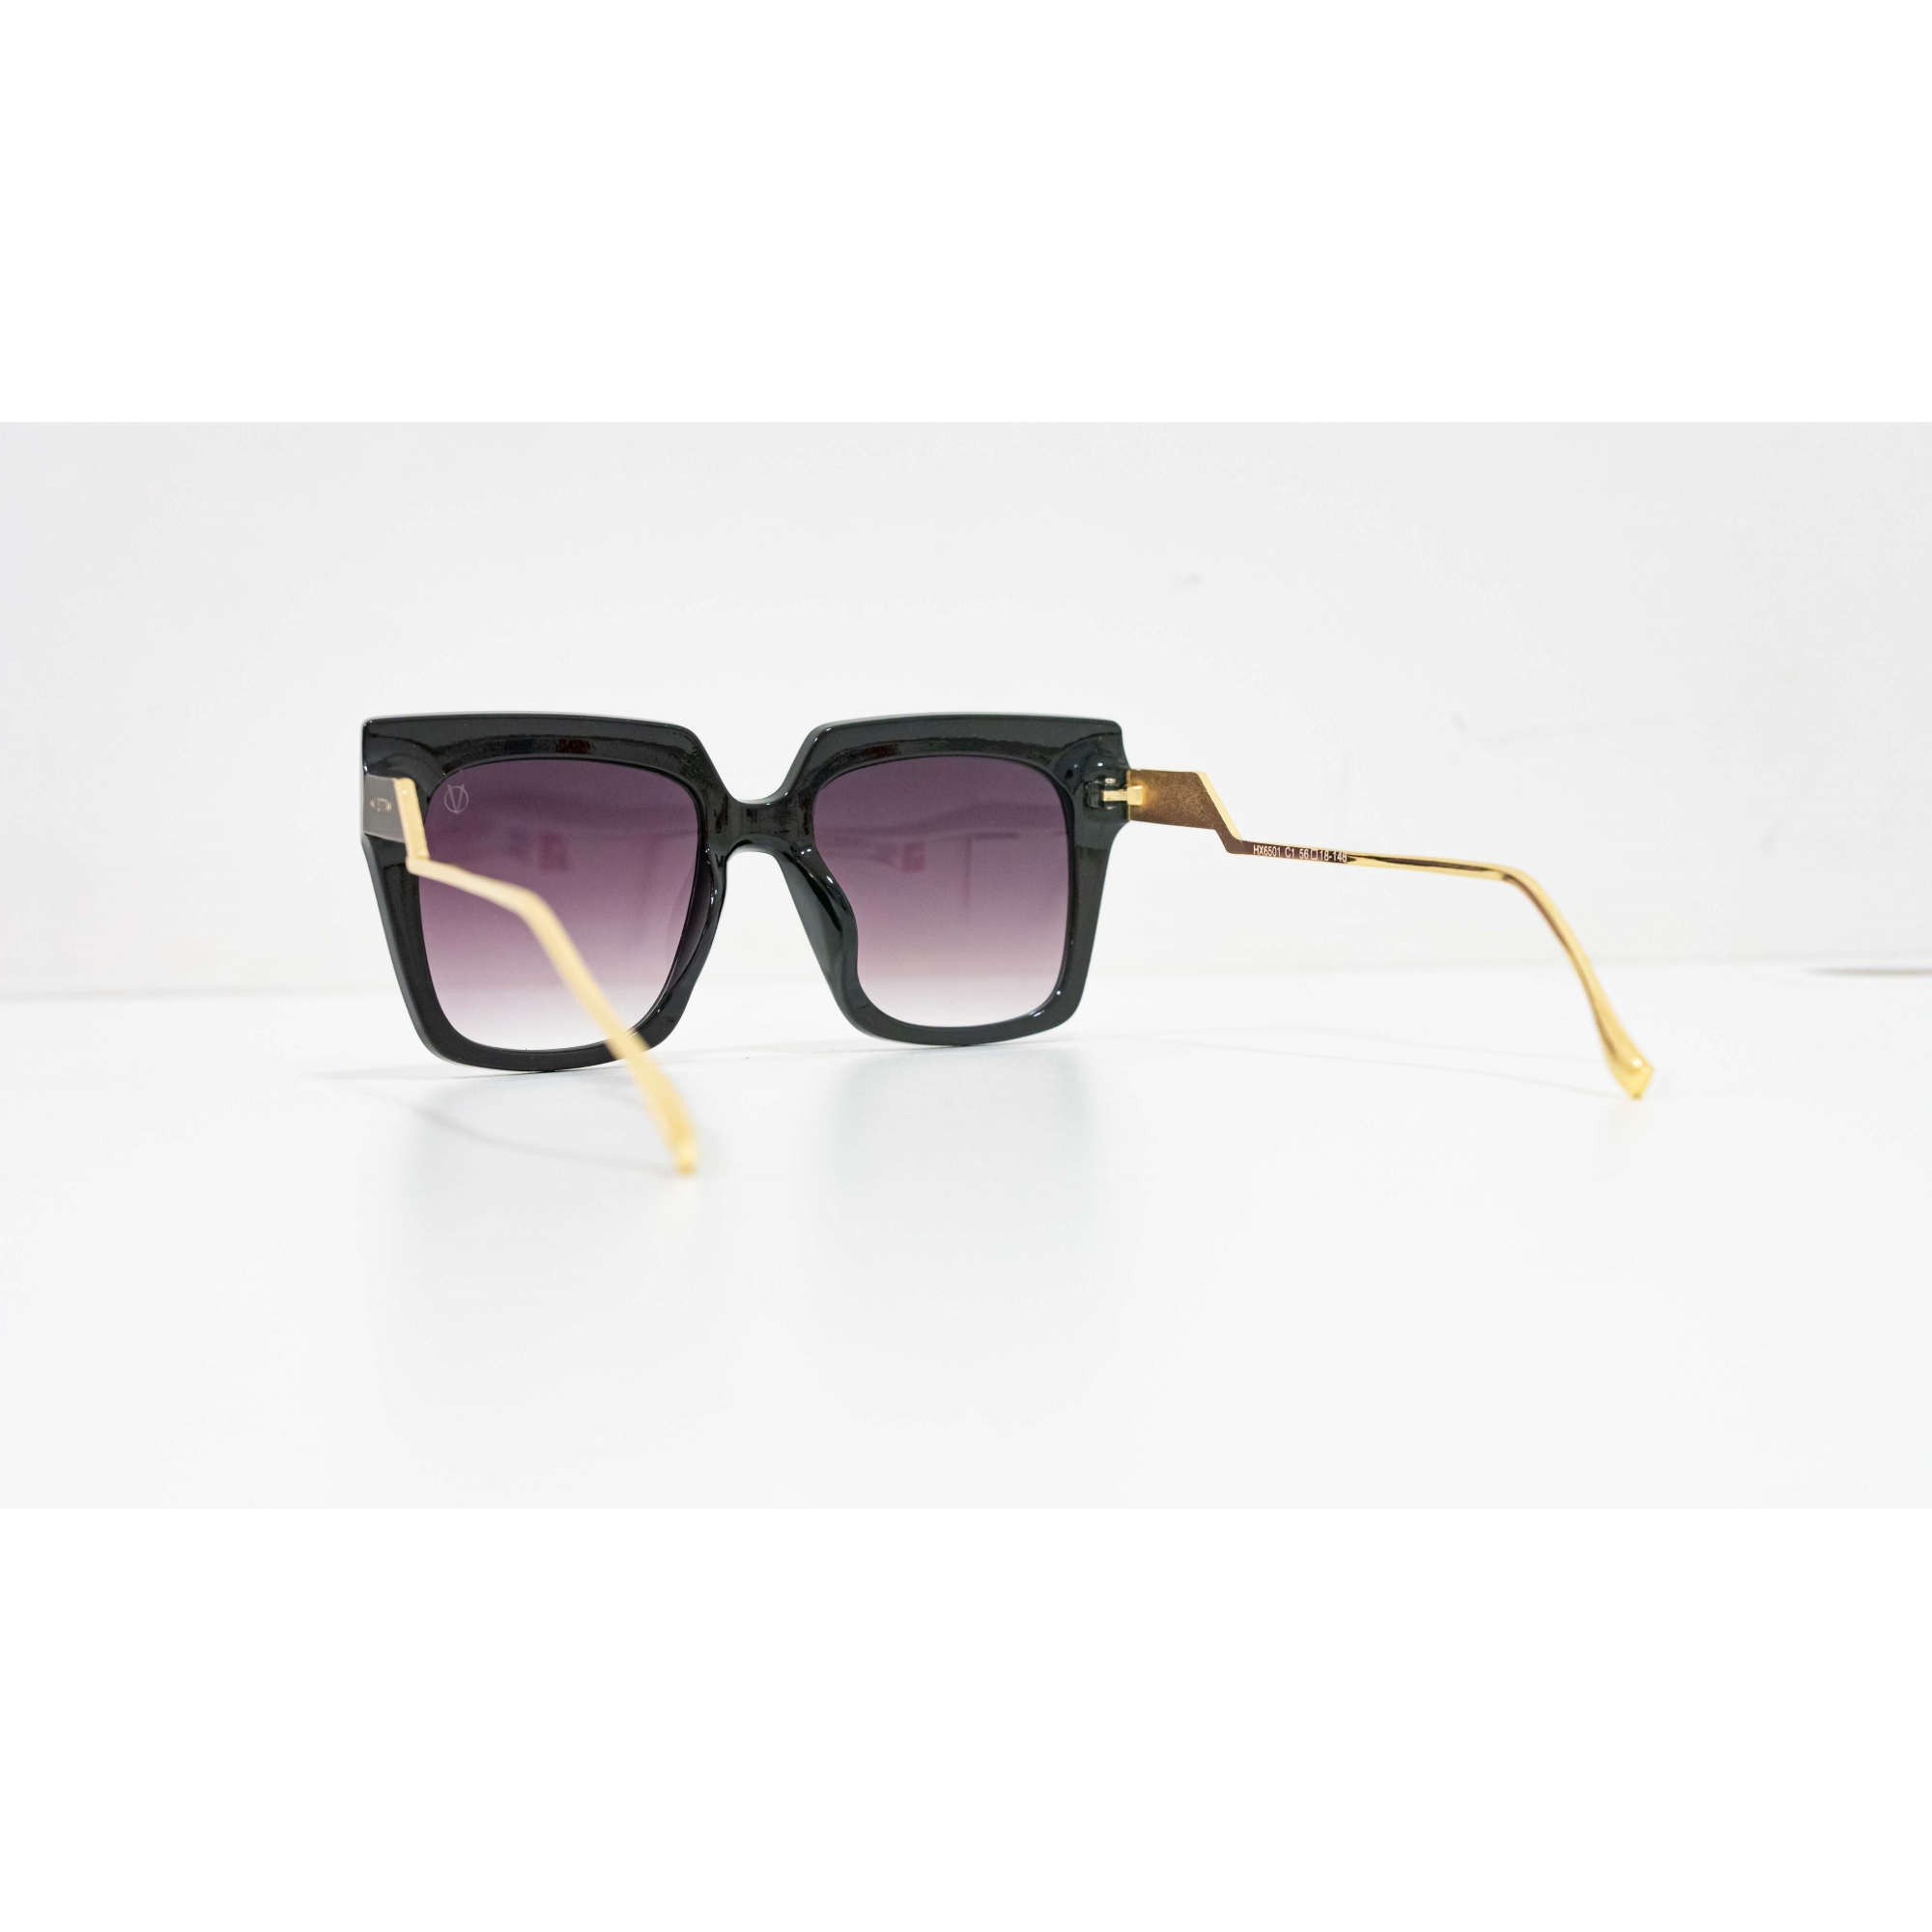 Óculos Vistta Aping Quadrado HX6501 C1 56 Preto